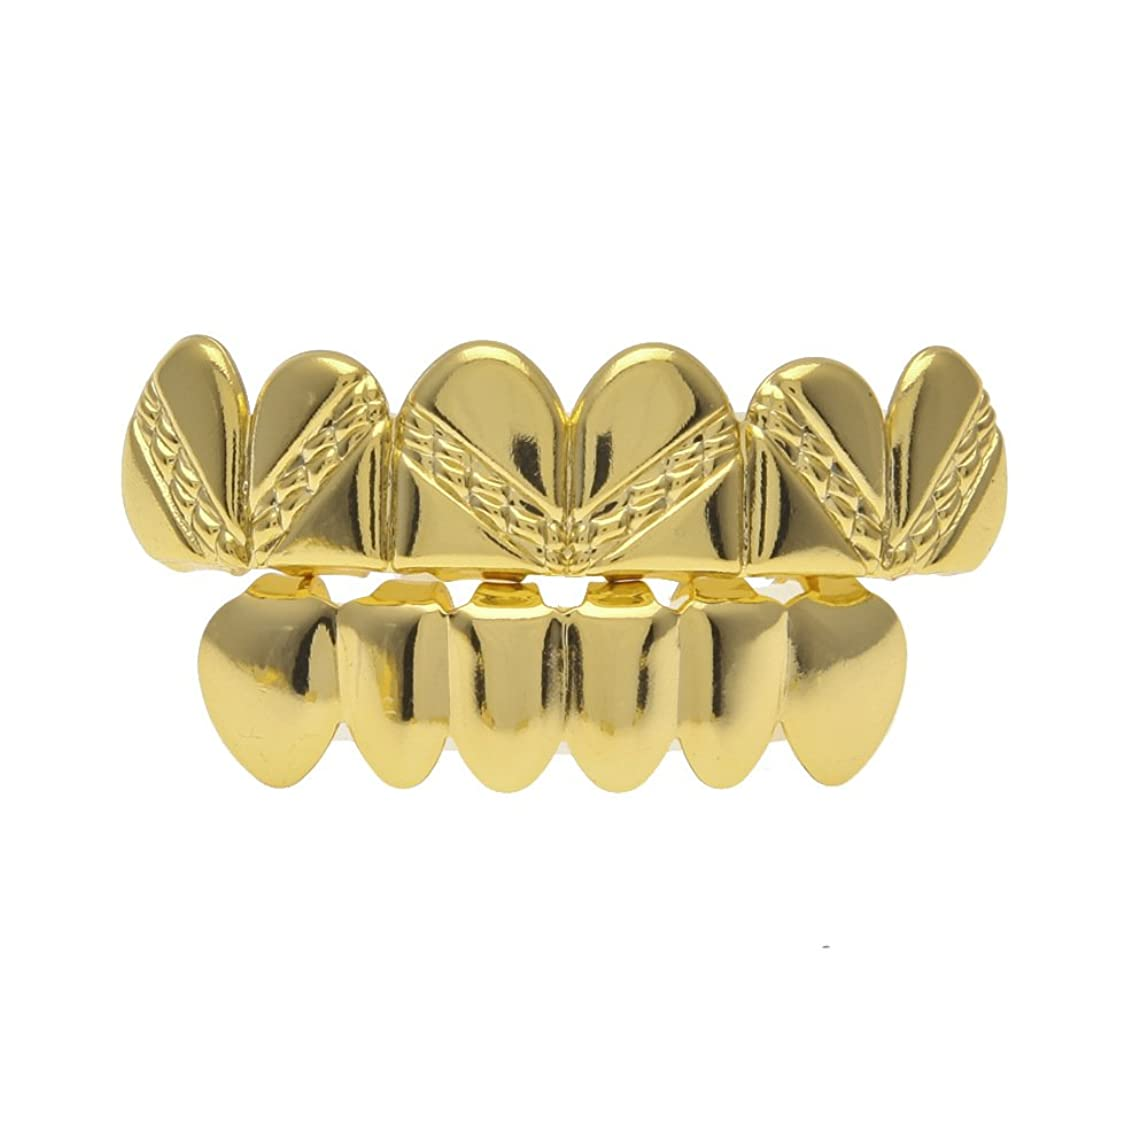 復活するリア王空気ゴールドメッキブレースリアルゴールドメッキ光沢ツイルヒップホップモデル,Gold